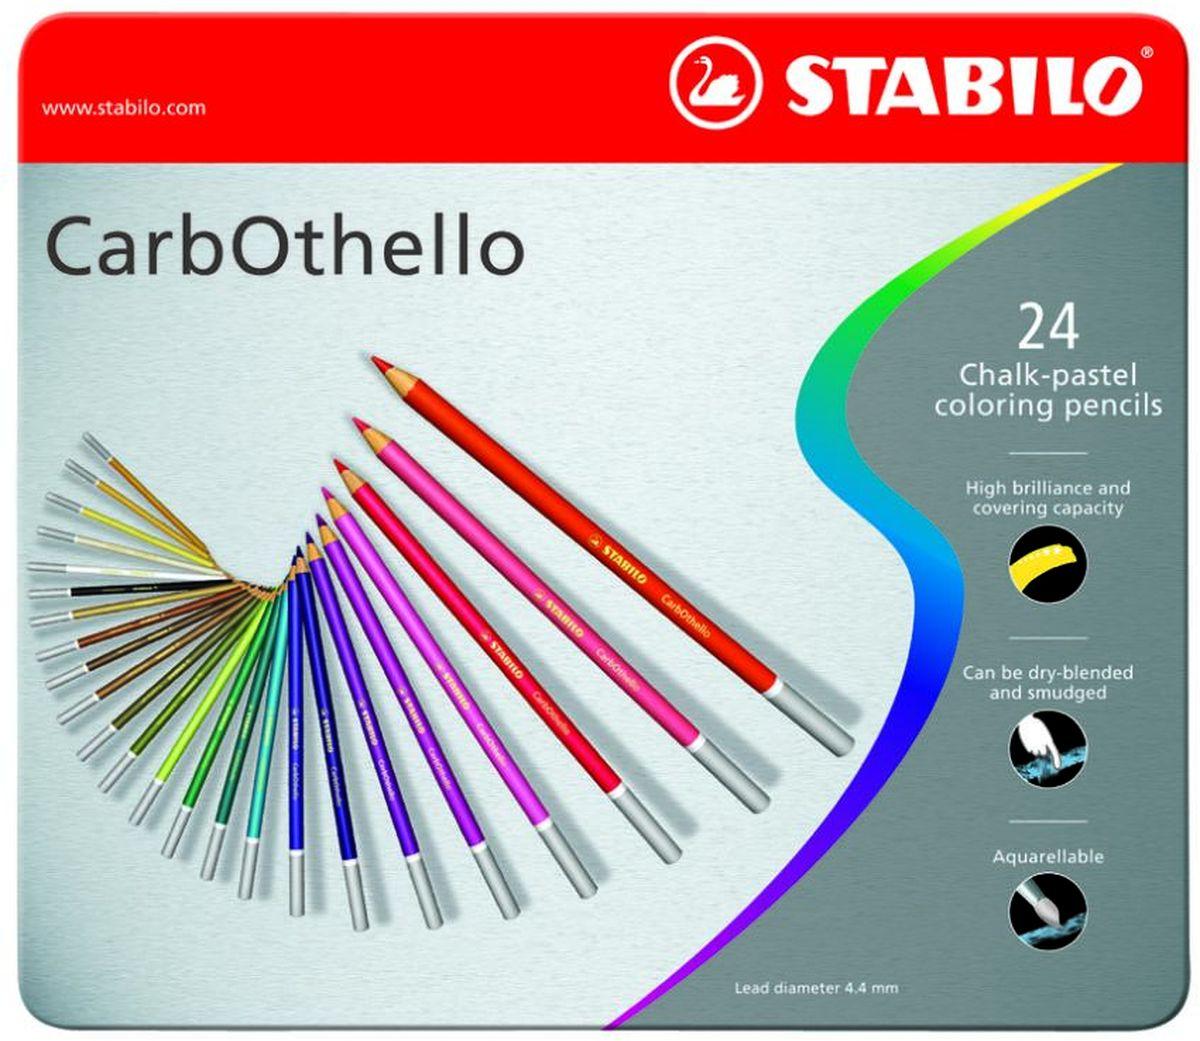 Stabilo Пастель CarbOthello 24 цветаFS-00897Цветная пастель в виде деревянного карандаша. Деревянная оболочка карандаша защищает хрупкую сердцевину - пастельный мелок, способный передать бесподобную свежесть и выразительность красок. Мягкий грифель позволяет рисовать даже на очень тонкой бумаге. Можно использовать как акварельные карандаши. Цветная пастель идеально подходит для смешивания цветов. Исключительная насыщенность цвета позволяет добиться великолепных результатов даже на темном фоне. Набор в металлической коробке.